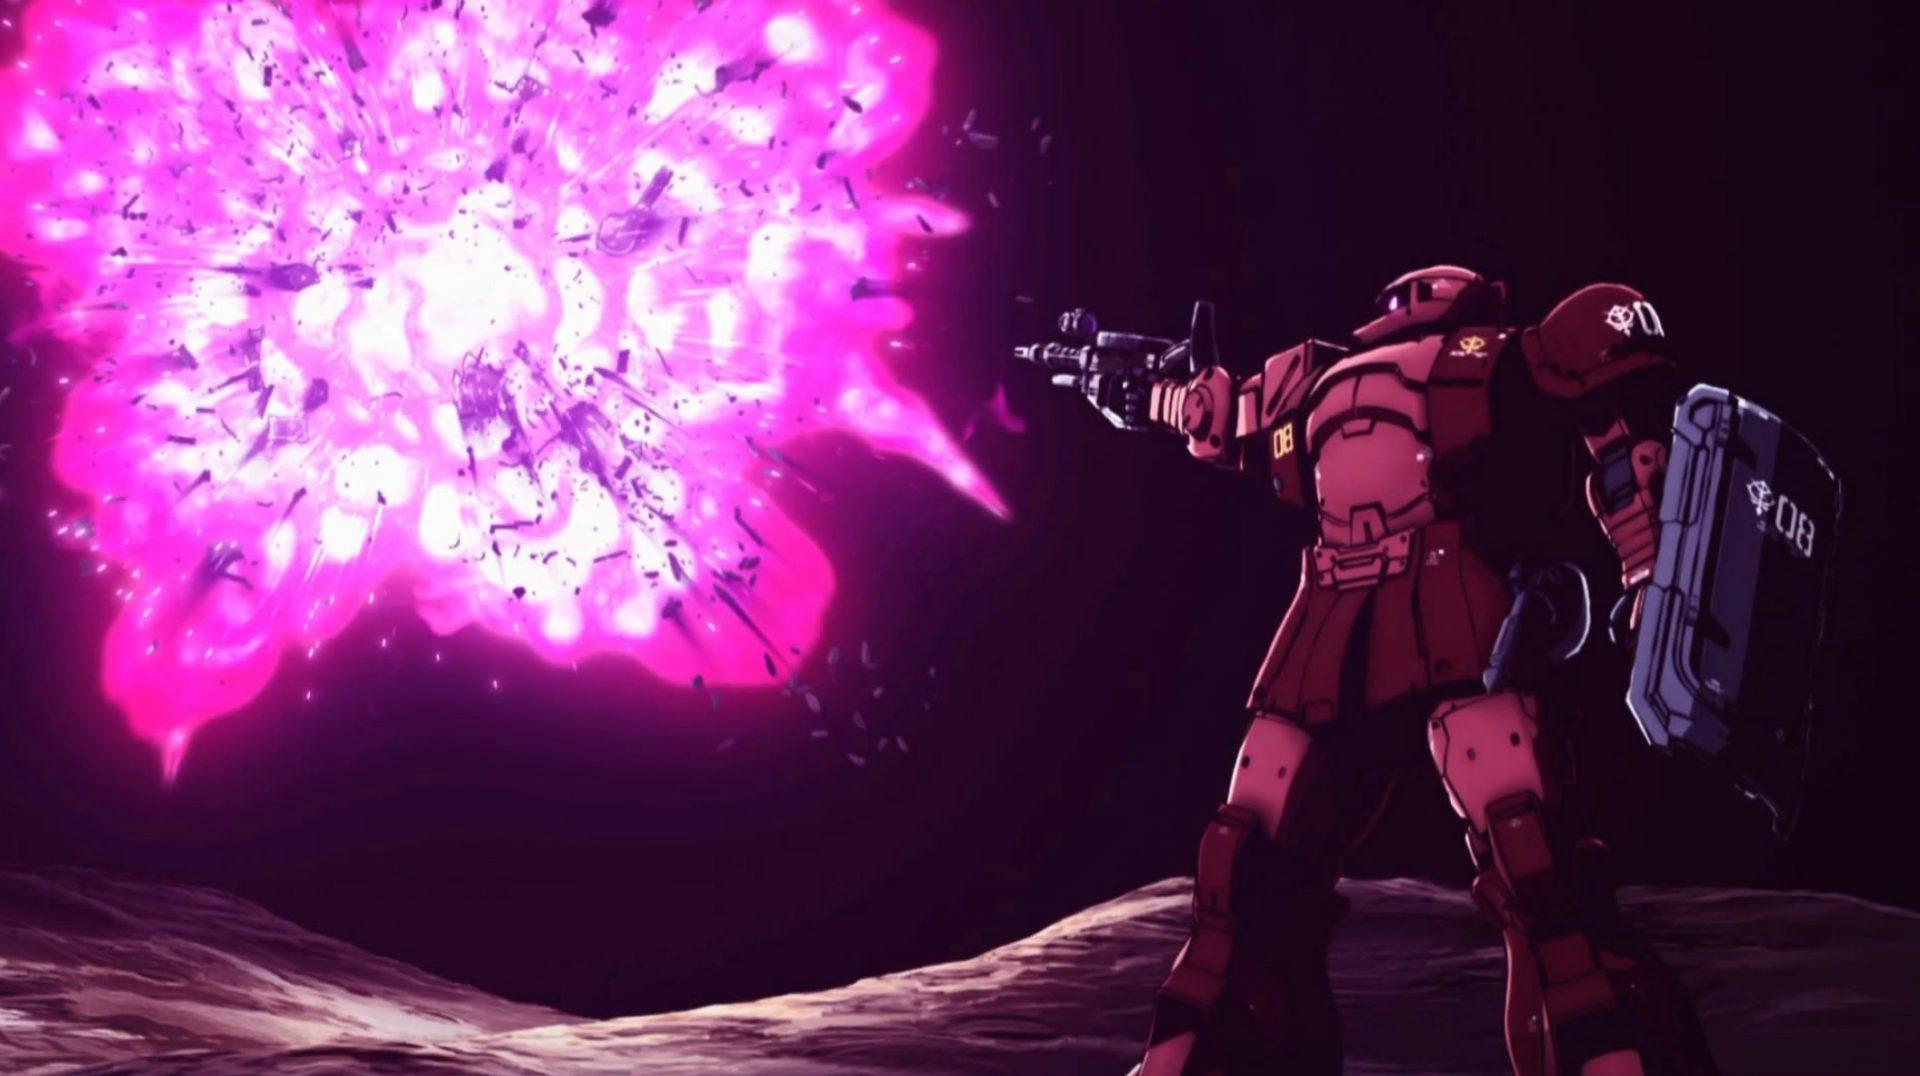 機動戦士ガンダム THE ORIGIN シャア・セイラ編Ⅳ 運命の前夜を無料動画でネタバレ紹介する記事